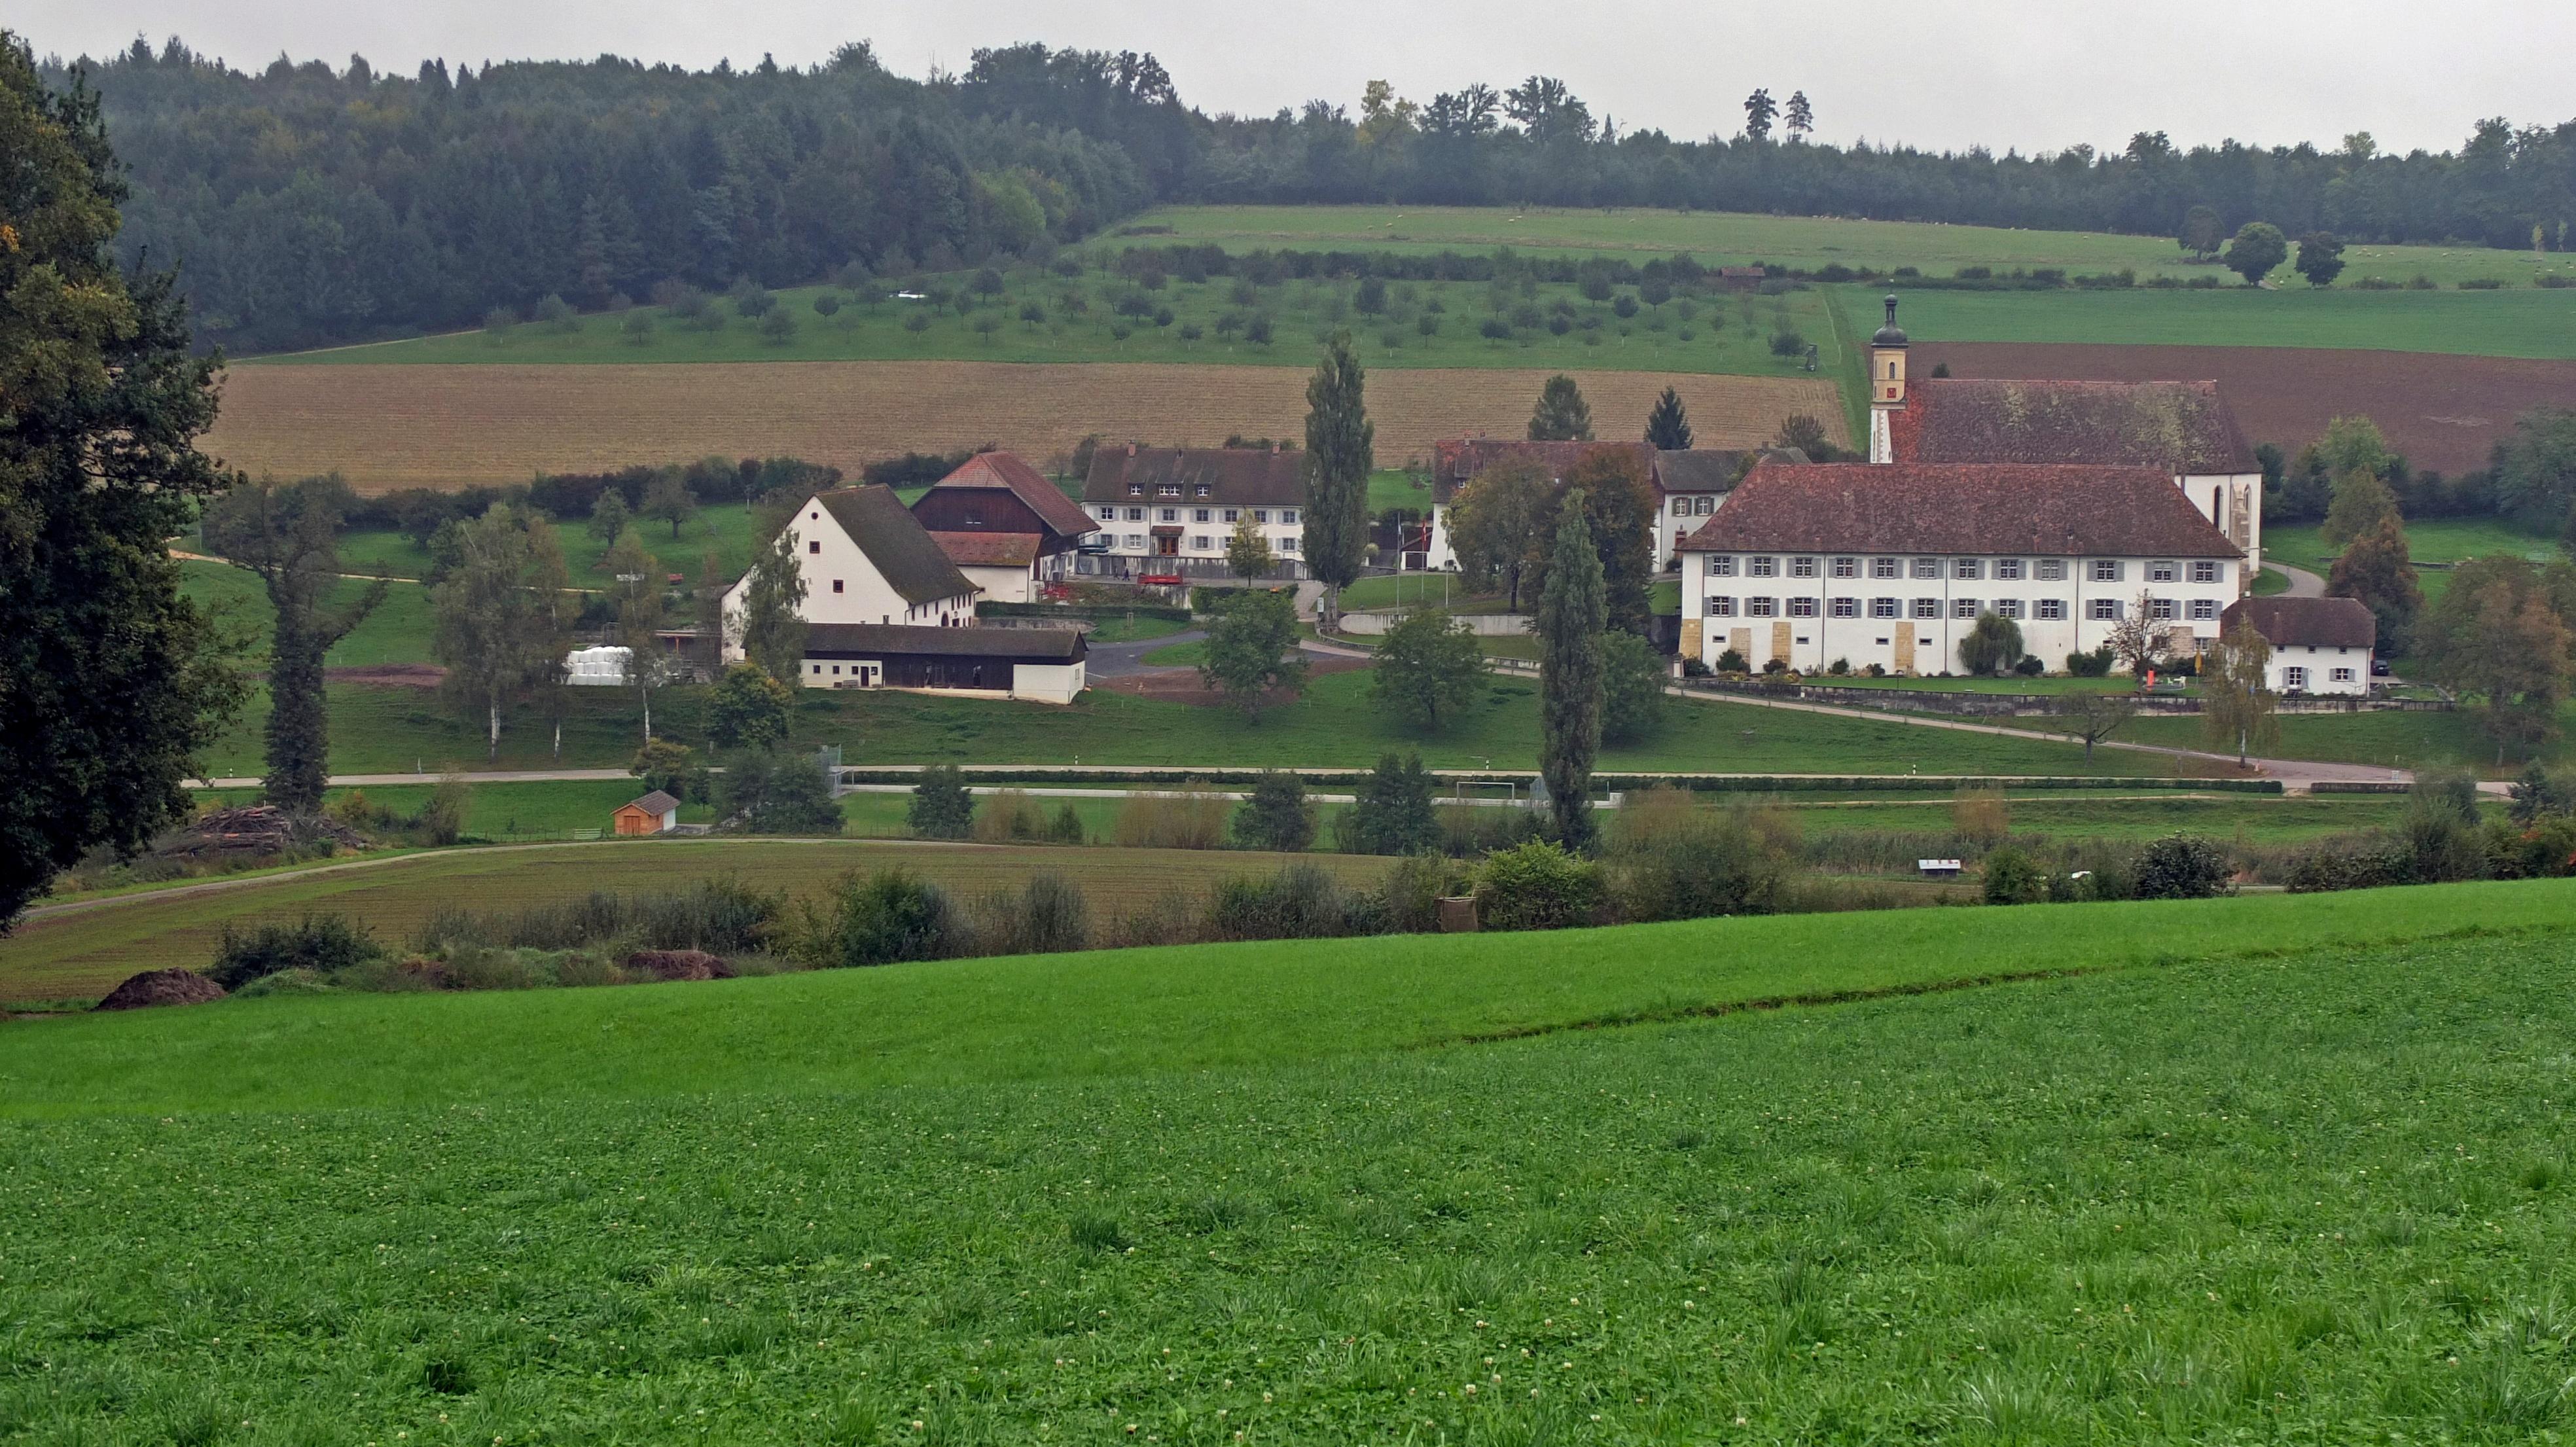 Wanderdääg im Baselbiet | APV JOHANNITER BASEL